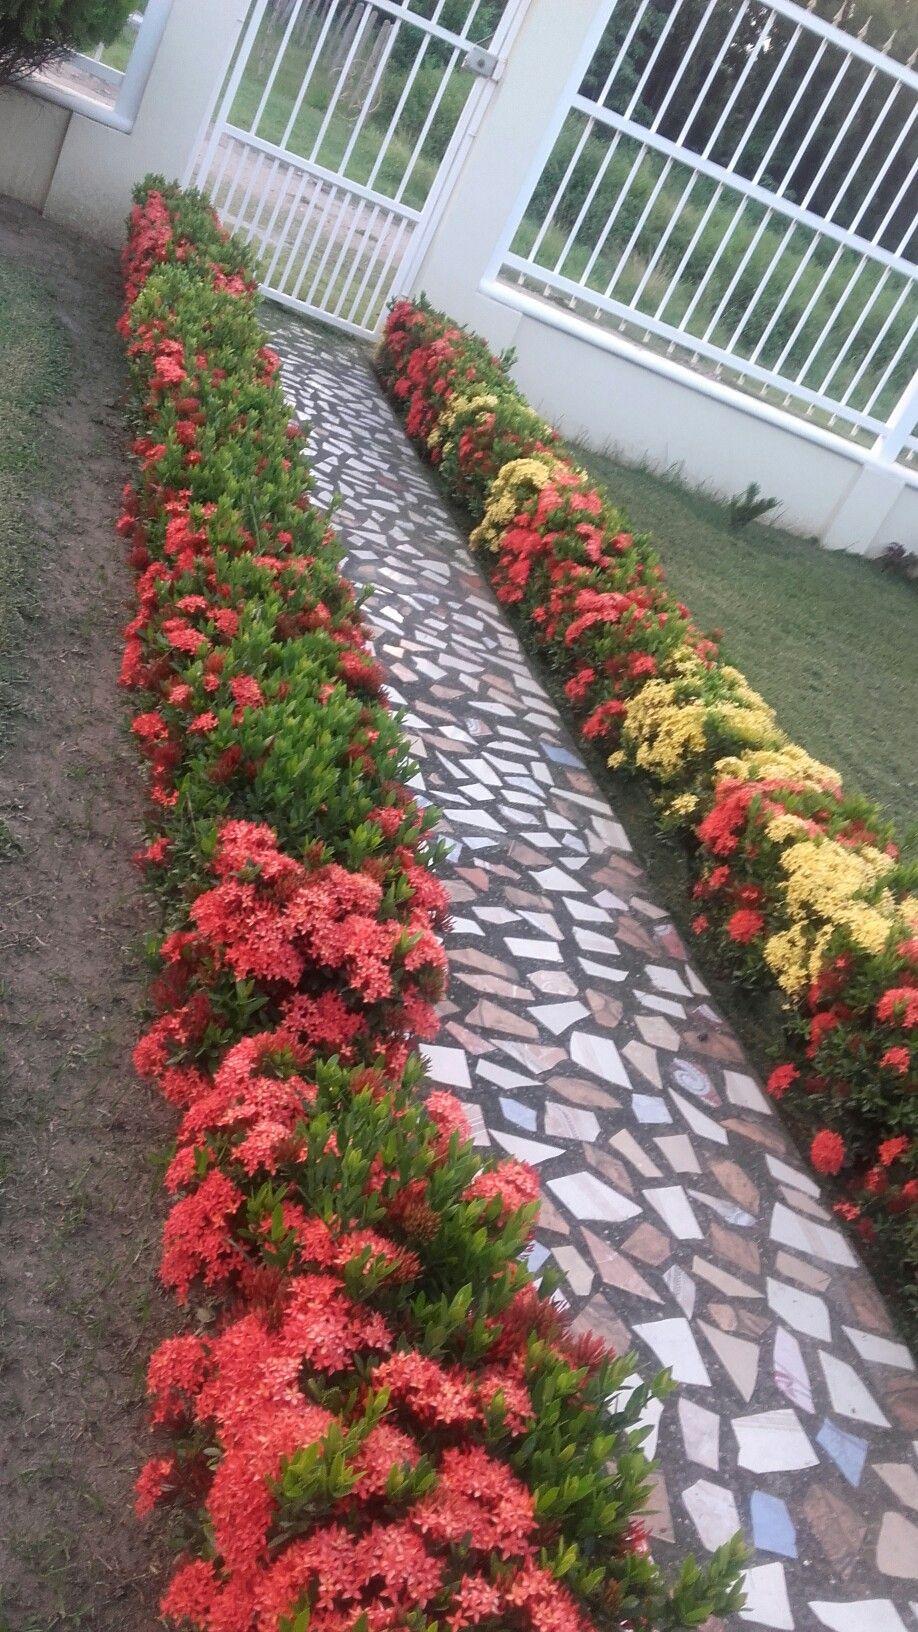 Camino de ixoras en mi jardin themes dreams - Plantas jardineras exterior ...